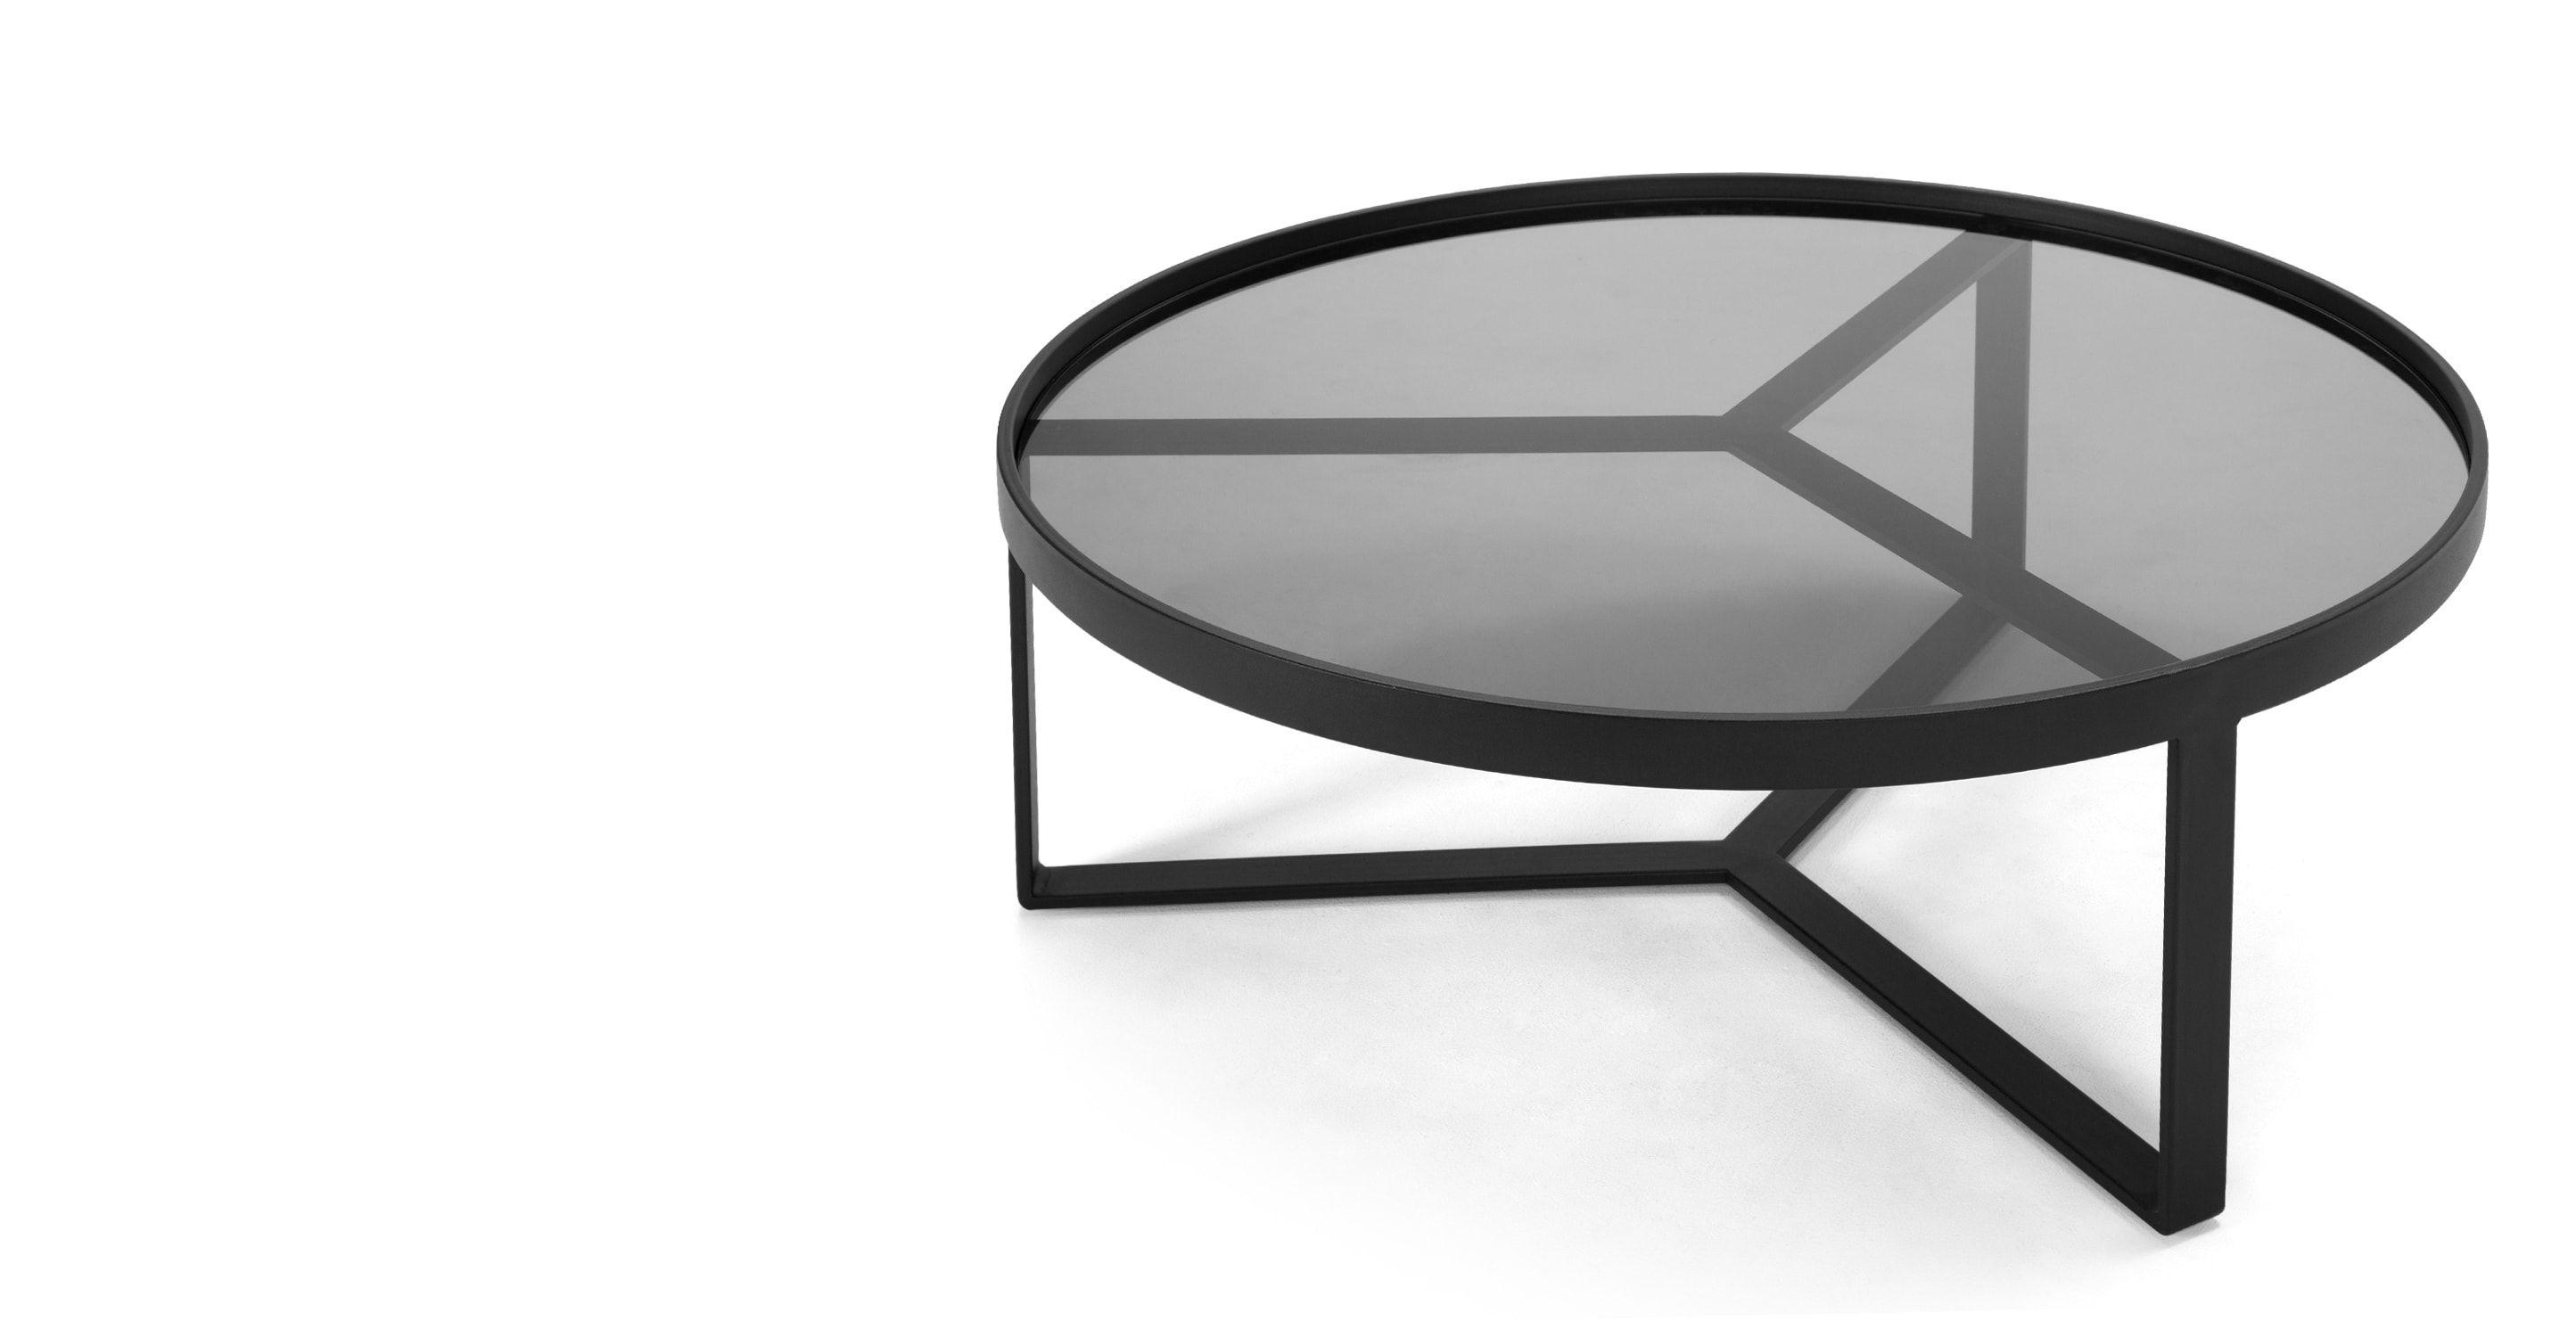 566d7878b8590b344b9d9fa0a8498814 Luxe De Pied De Table Basse Ikea Schème